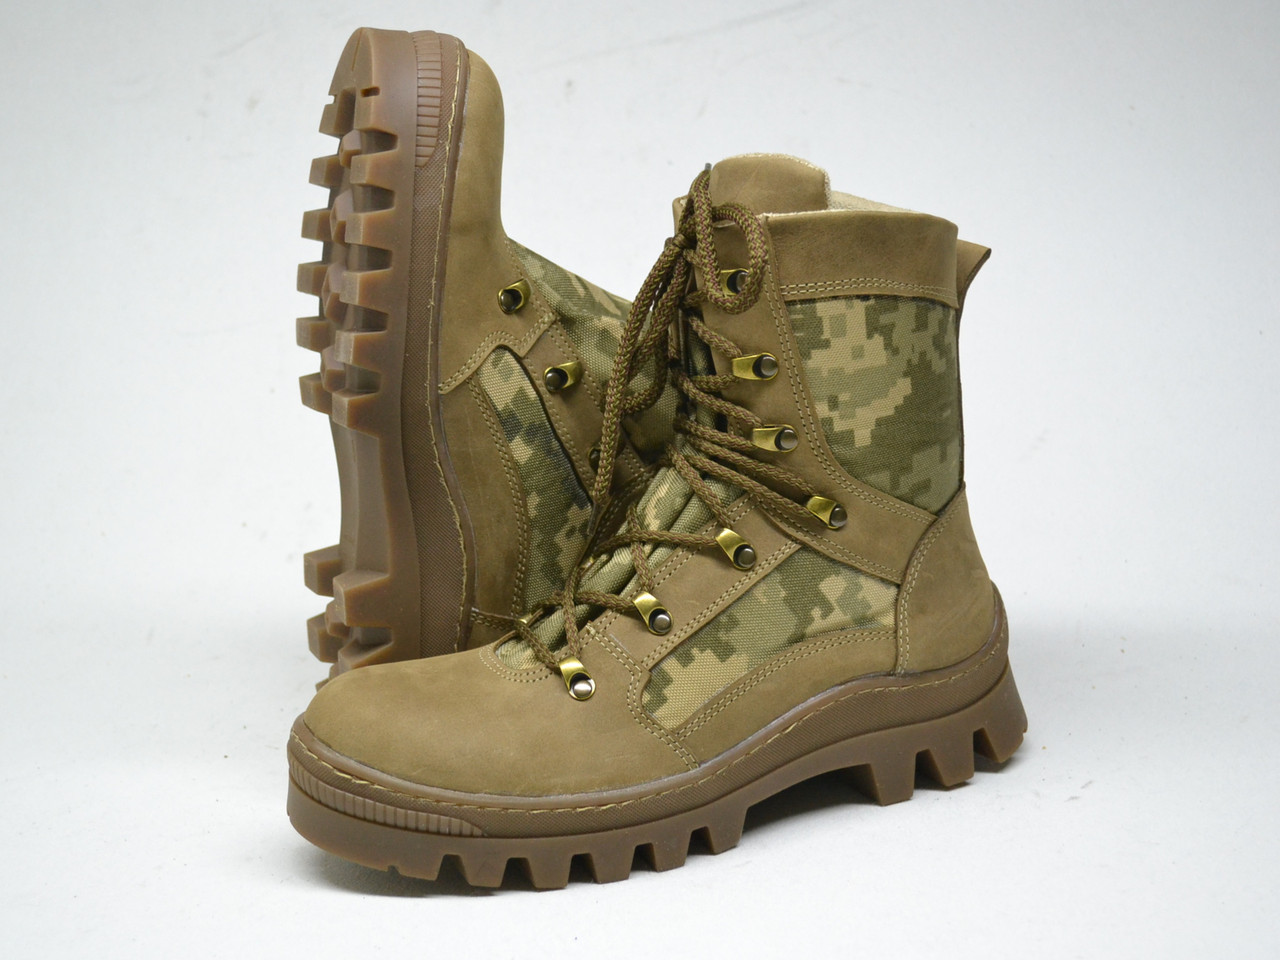 Тактические ботинки из натуральной кожи РА - Стронг БЕЖ